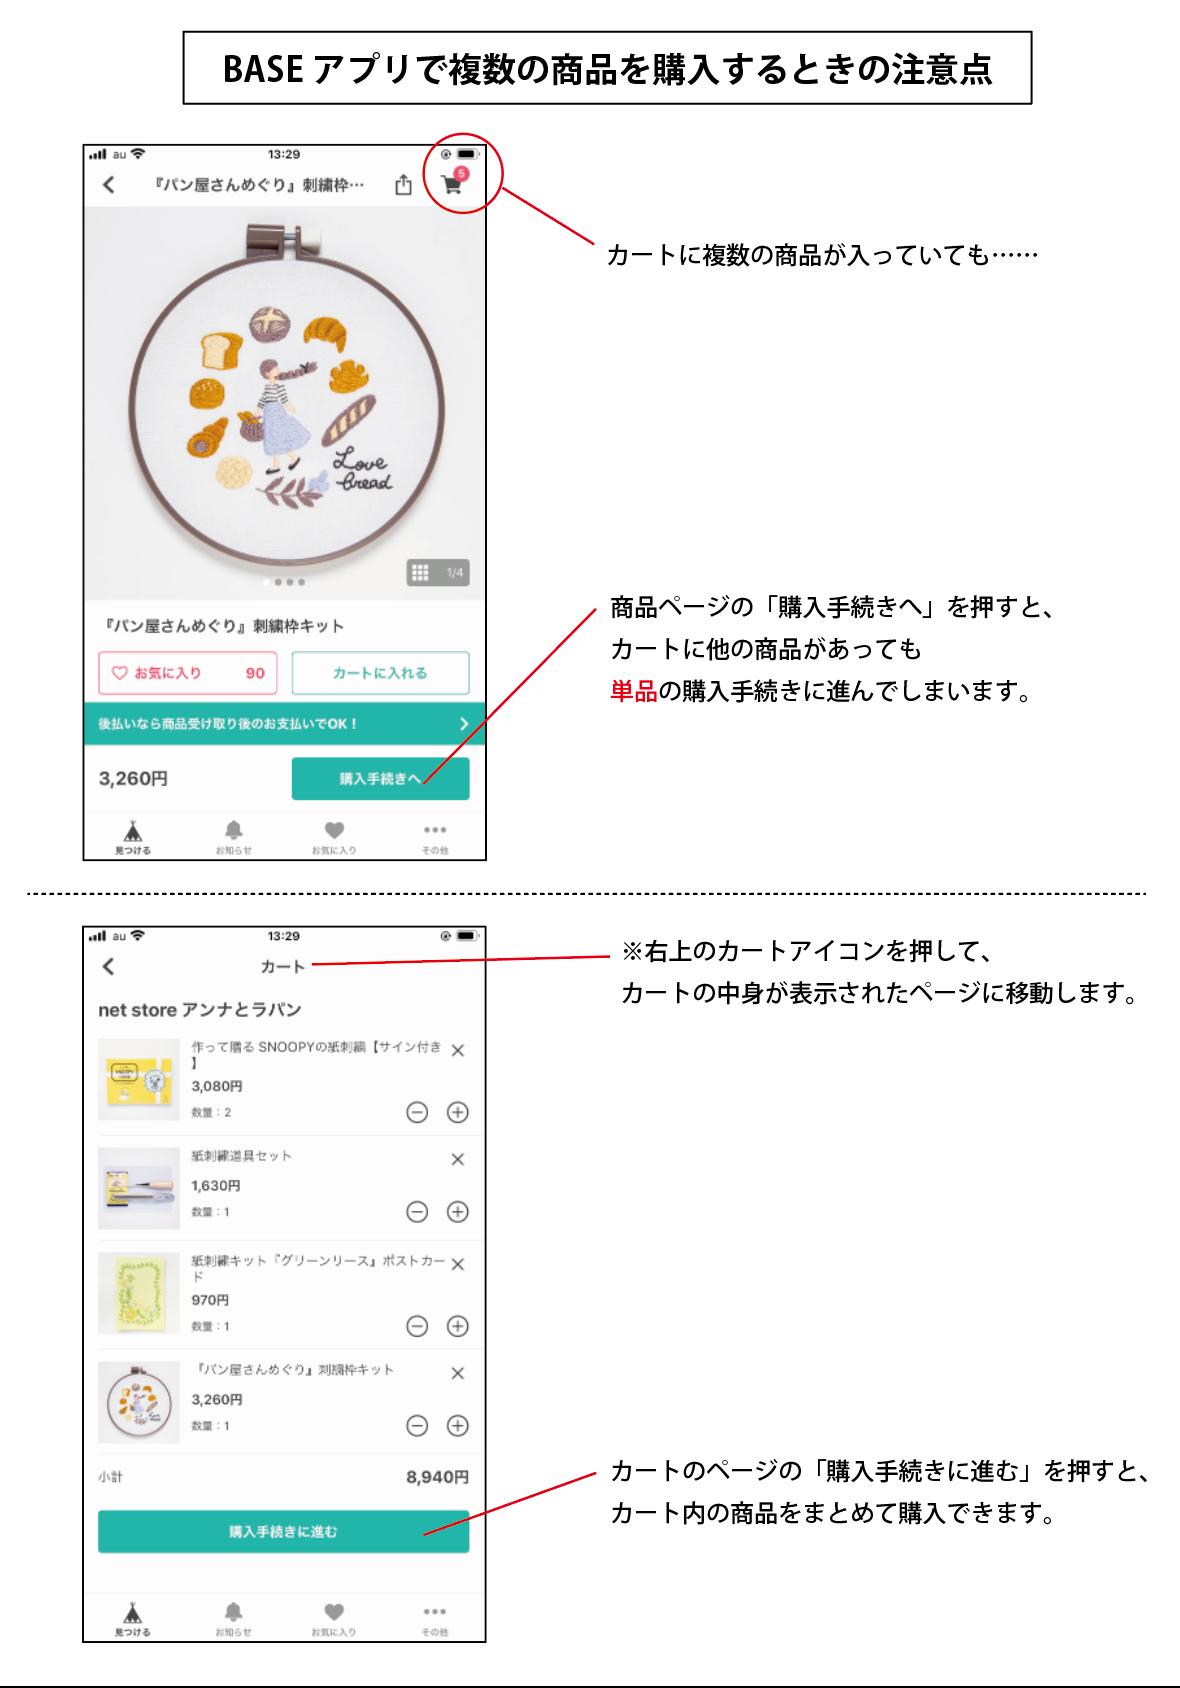 【ご案内】BASEアプリで単品の購入しかできないお客さまへ【解決方法】